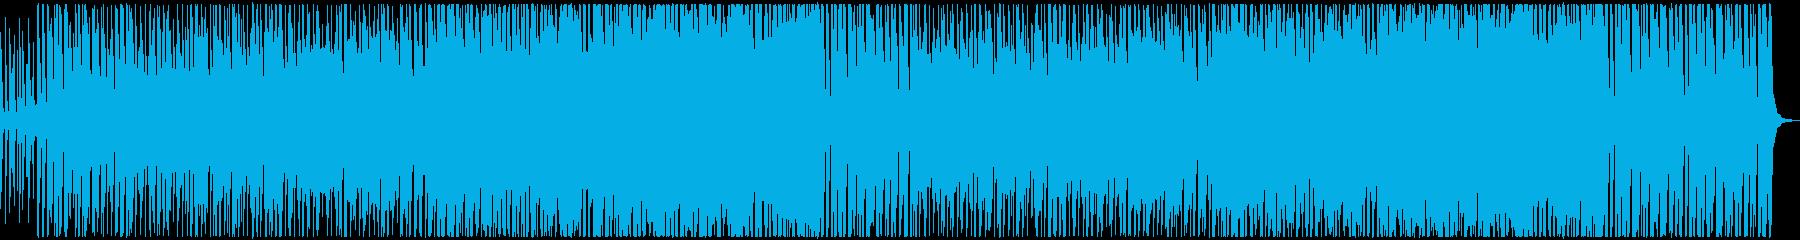 人生苦楽音頭の再生済みの波形